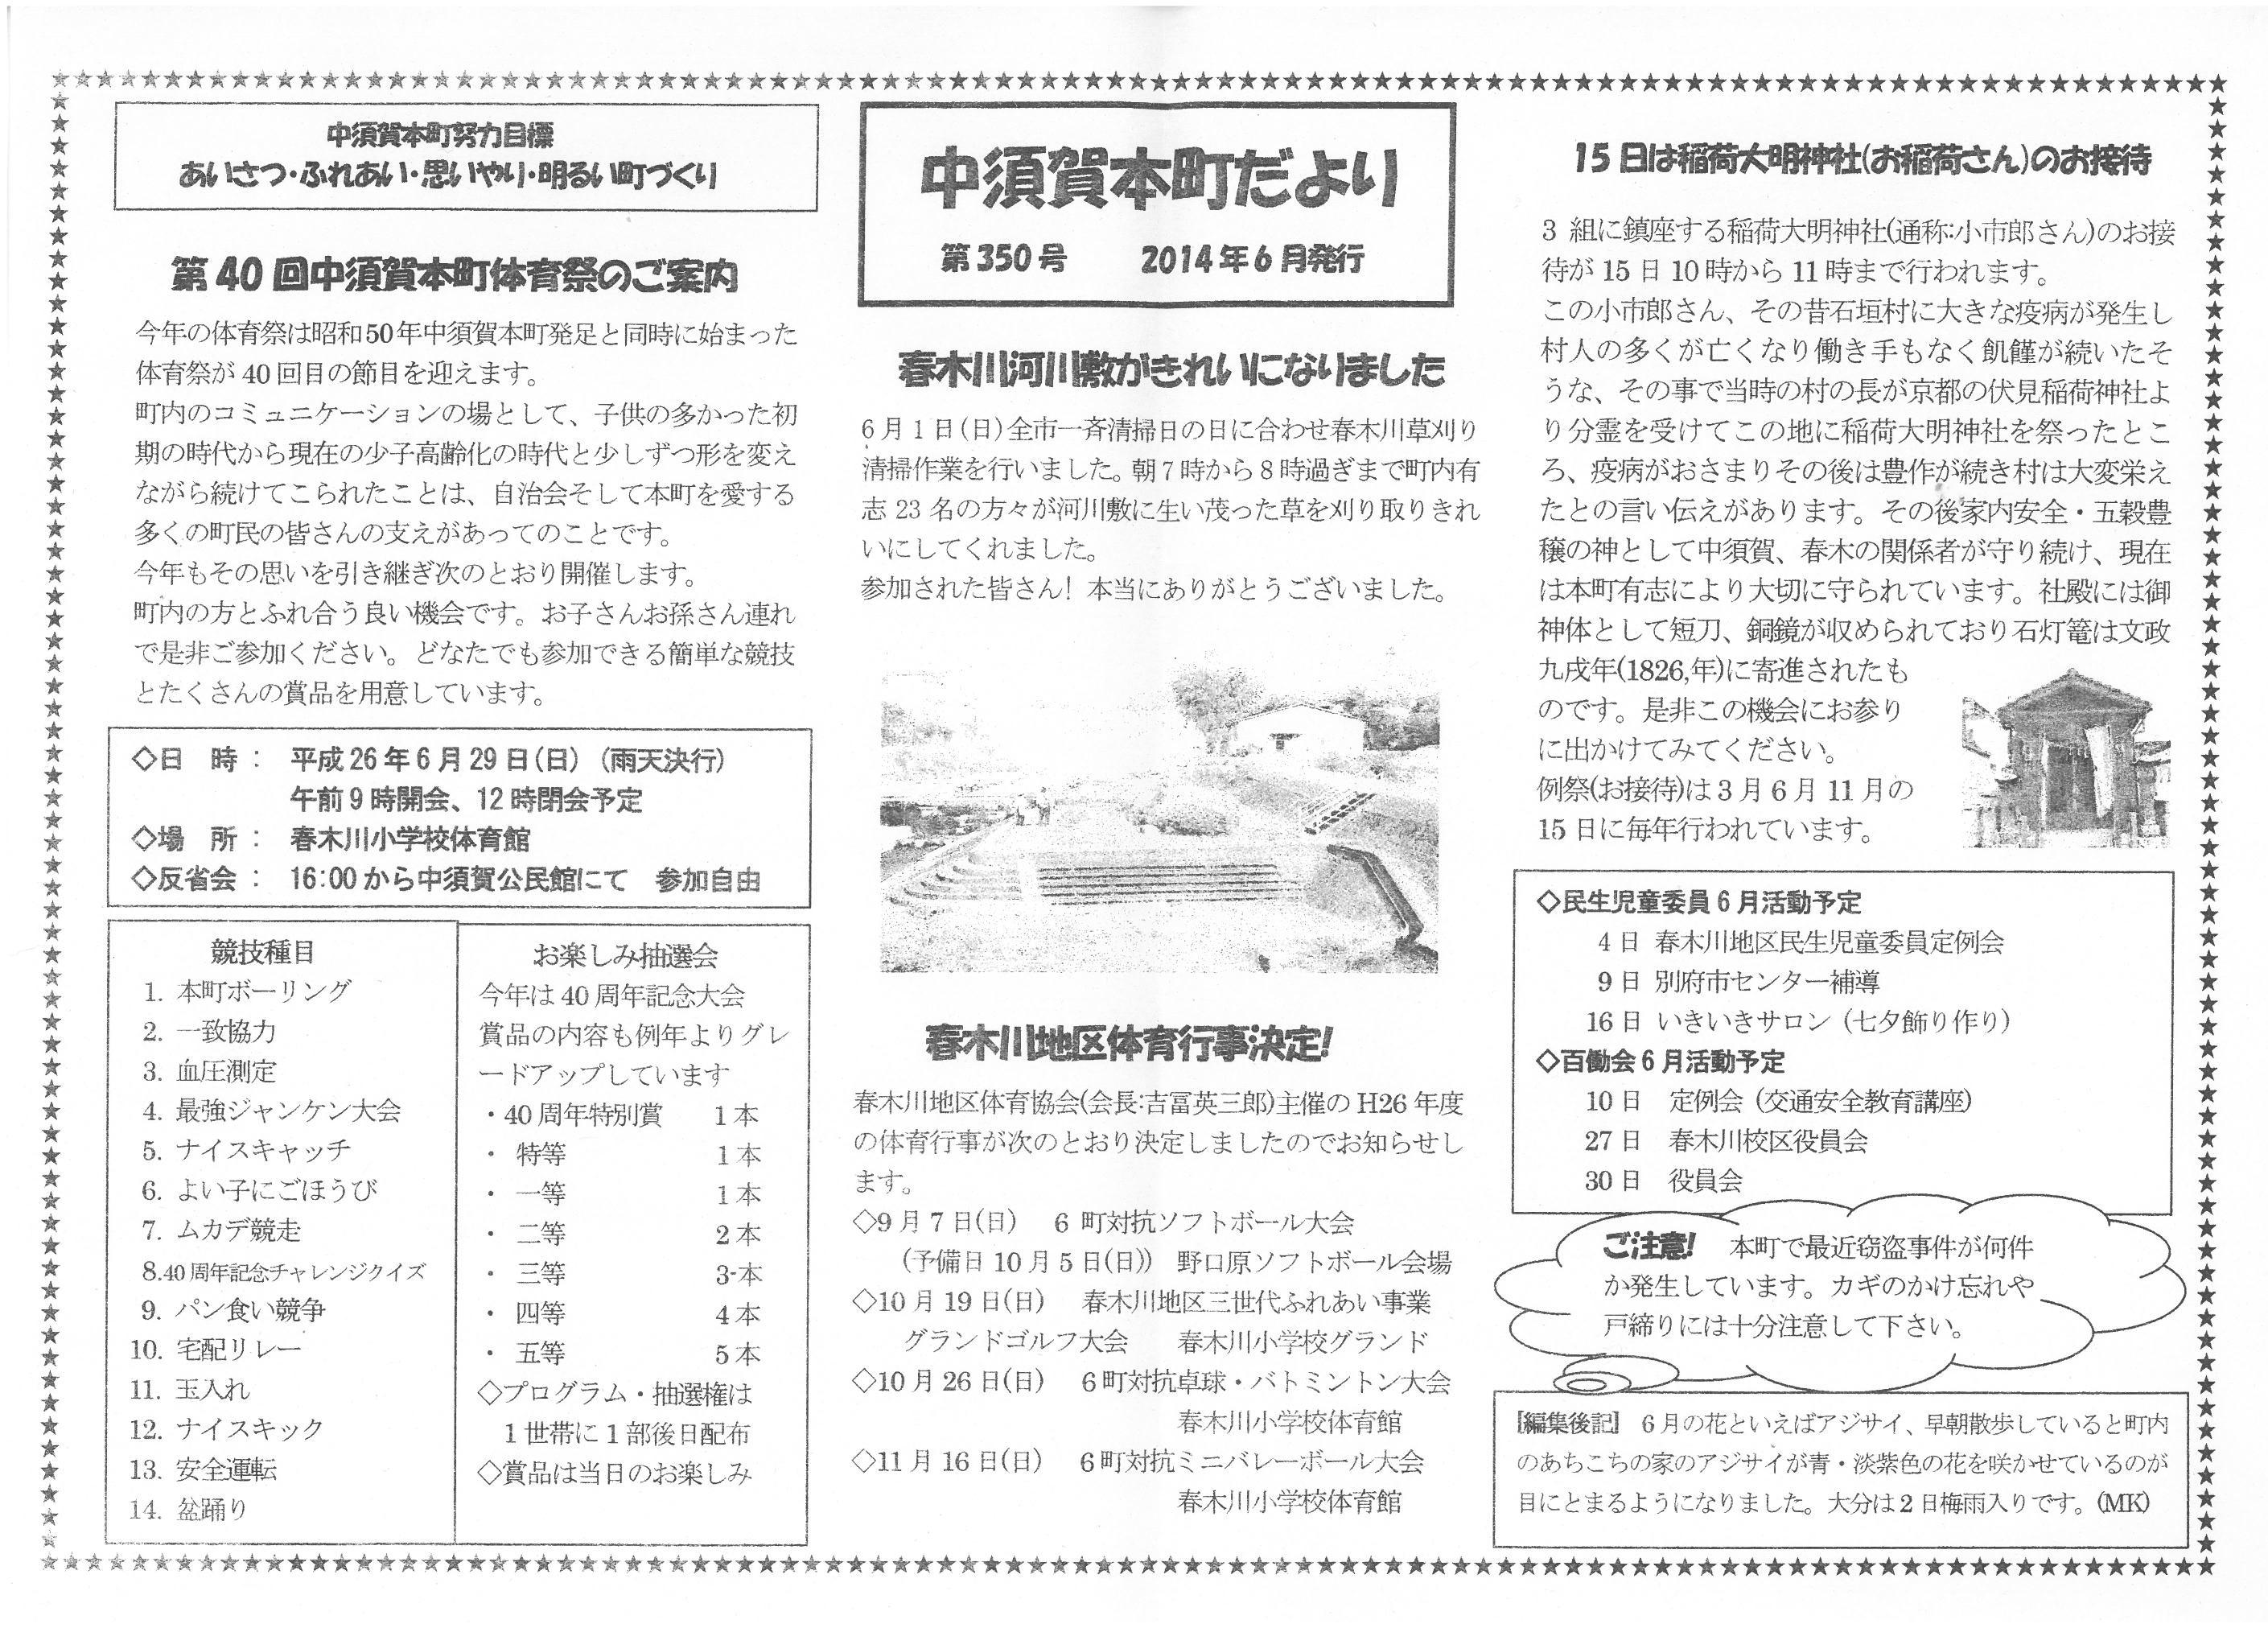 中須賀本町だより|350号|2014年6月発行